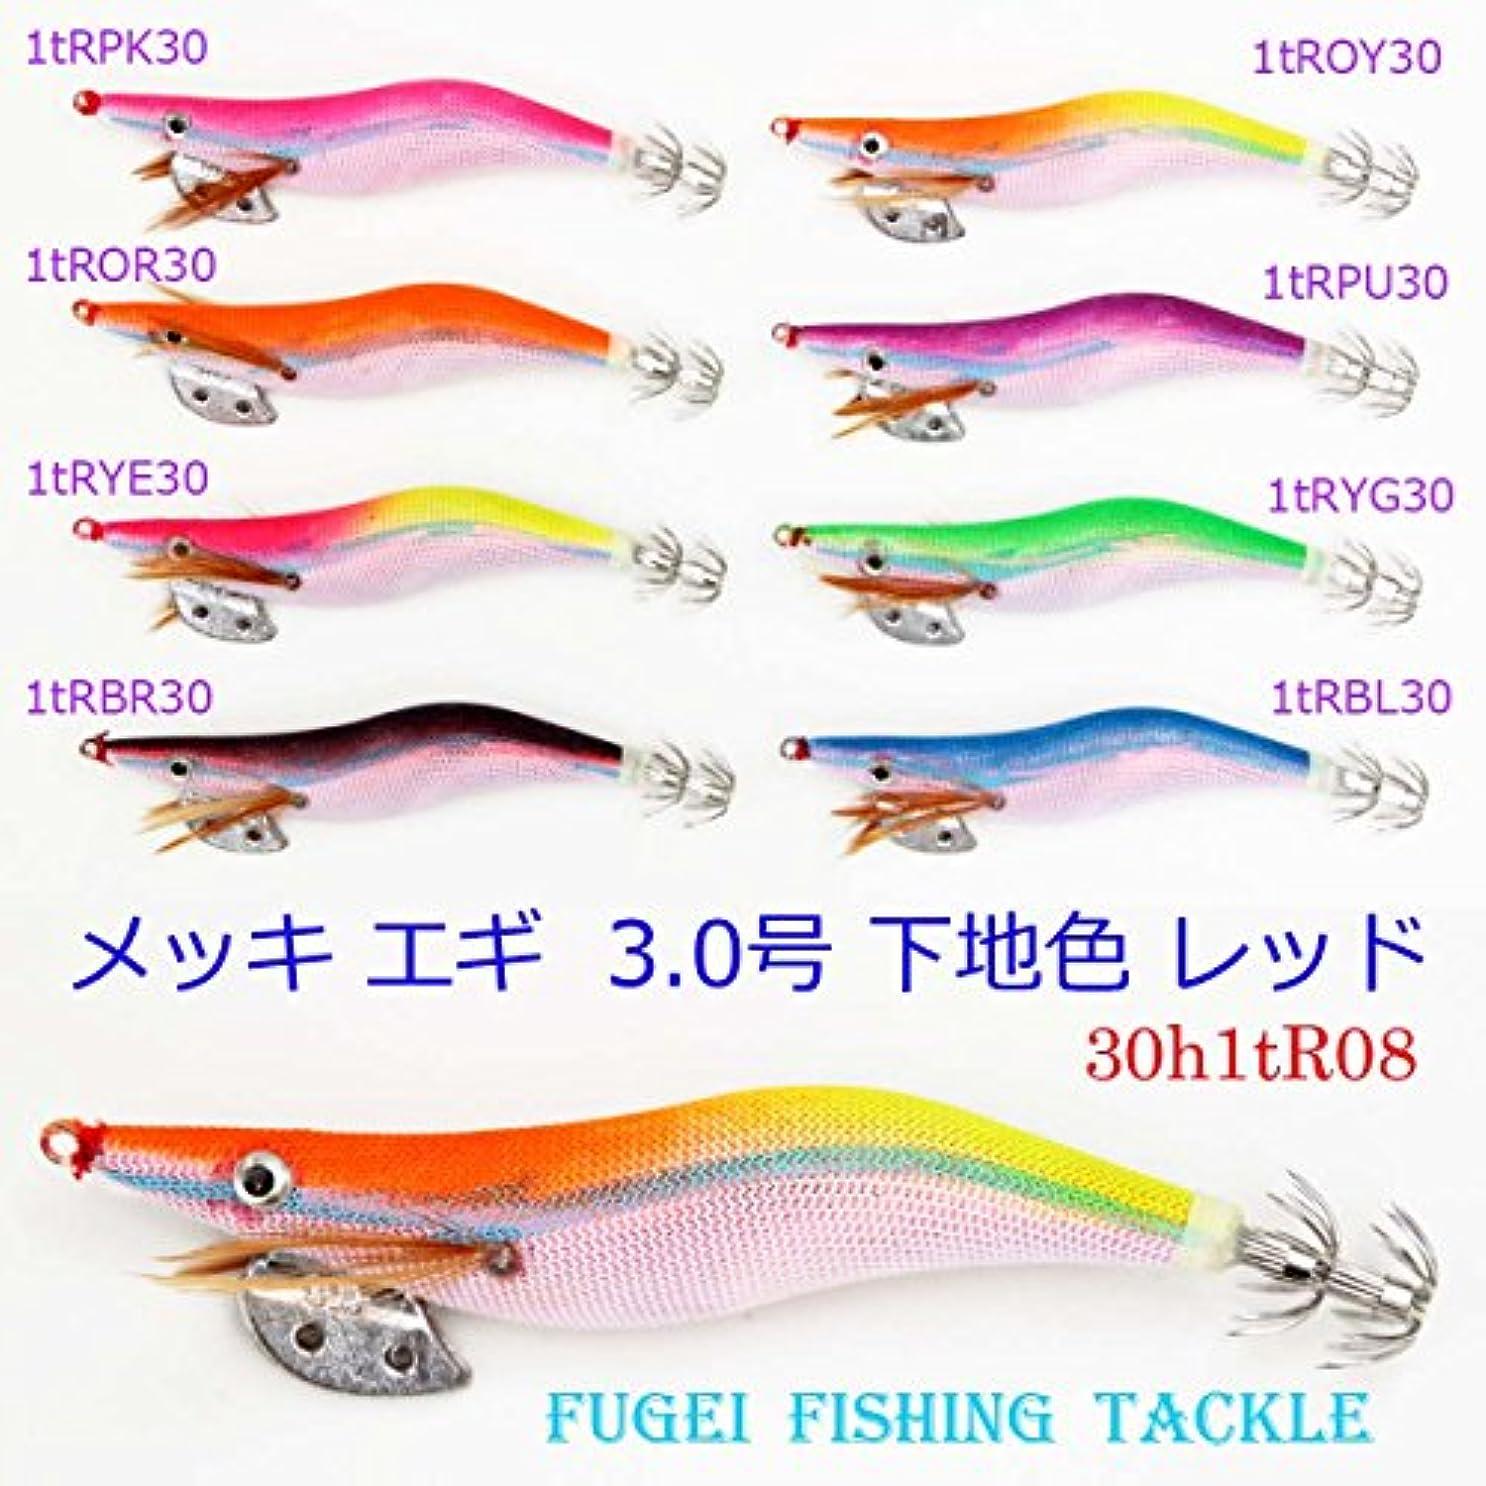 指令化合物敷居新型 エギ 3.0号 8本 セット ベース(下地) カラー レッド(赤) ボディカラー ピンク オレンジなど8色 イカ釣り エギング FUGEI-A20egi30h1tR08